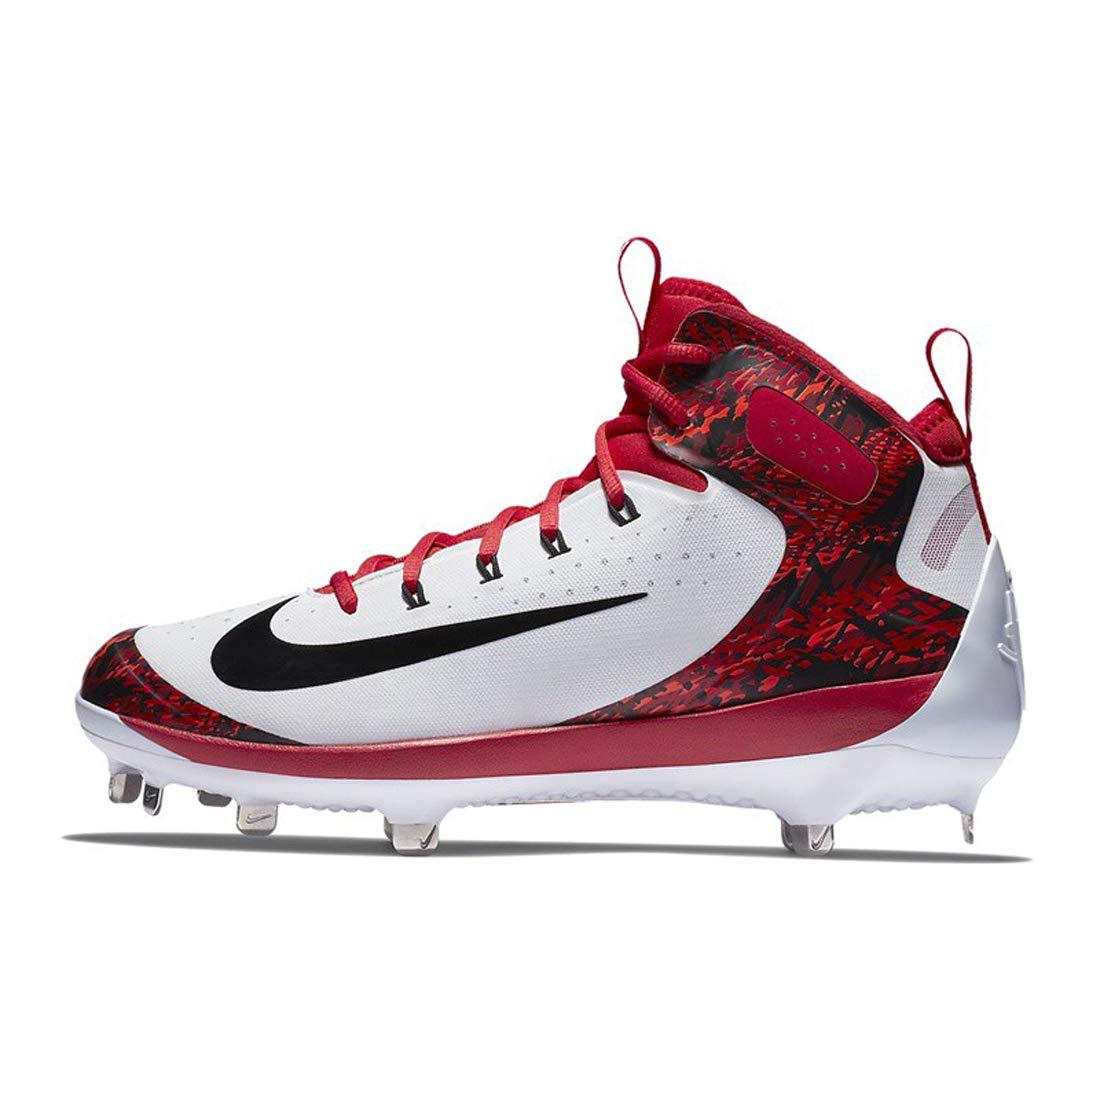 Weiß University rot Weiß schwarz Nike Herren Elite Alpha Huarache Mid-Stollen,